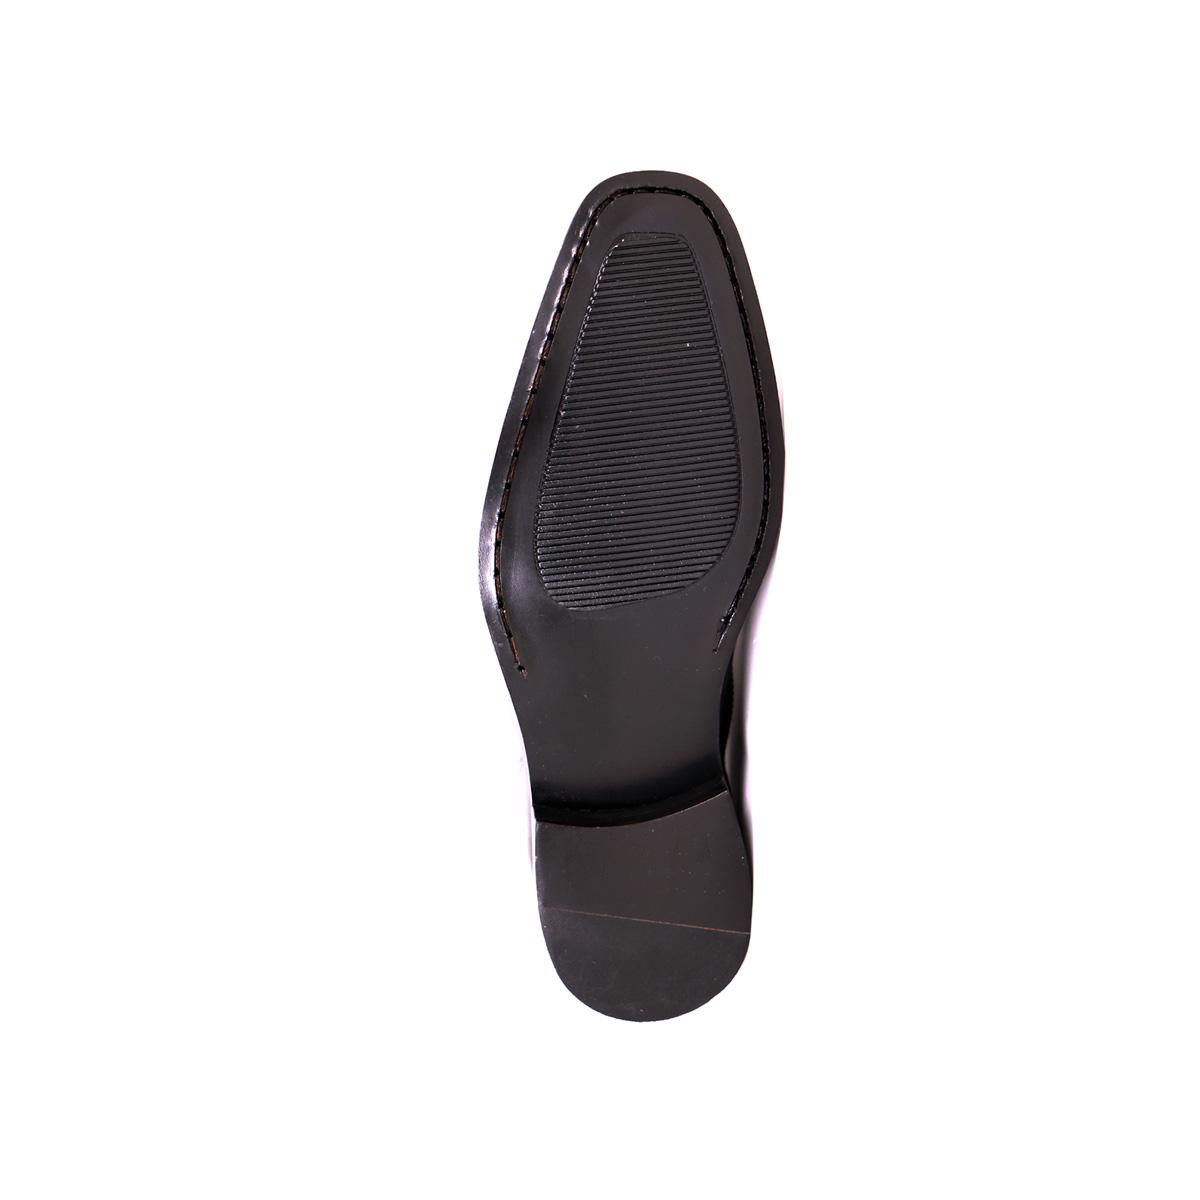 Botín Lord Negro Max Denegri + 7cms de Altura_73426